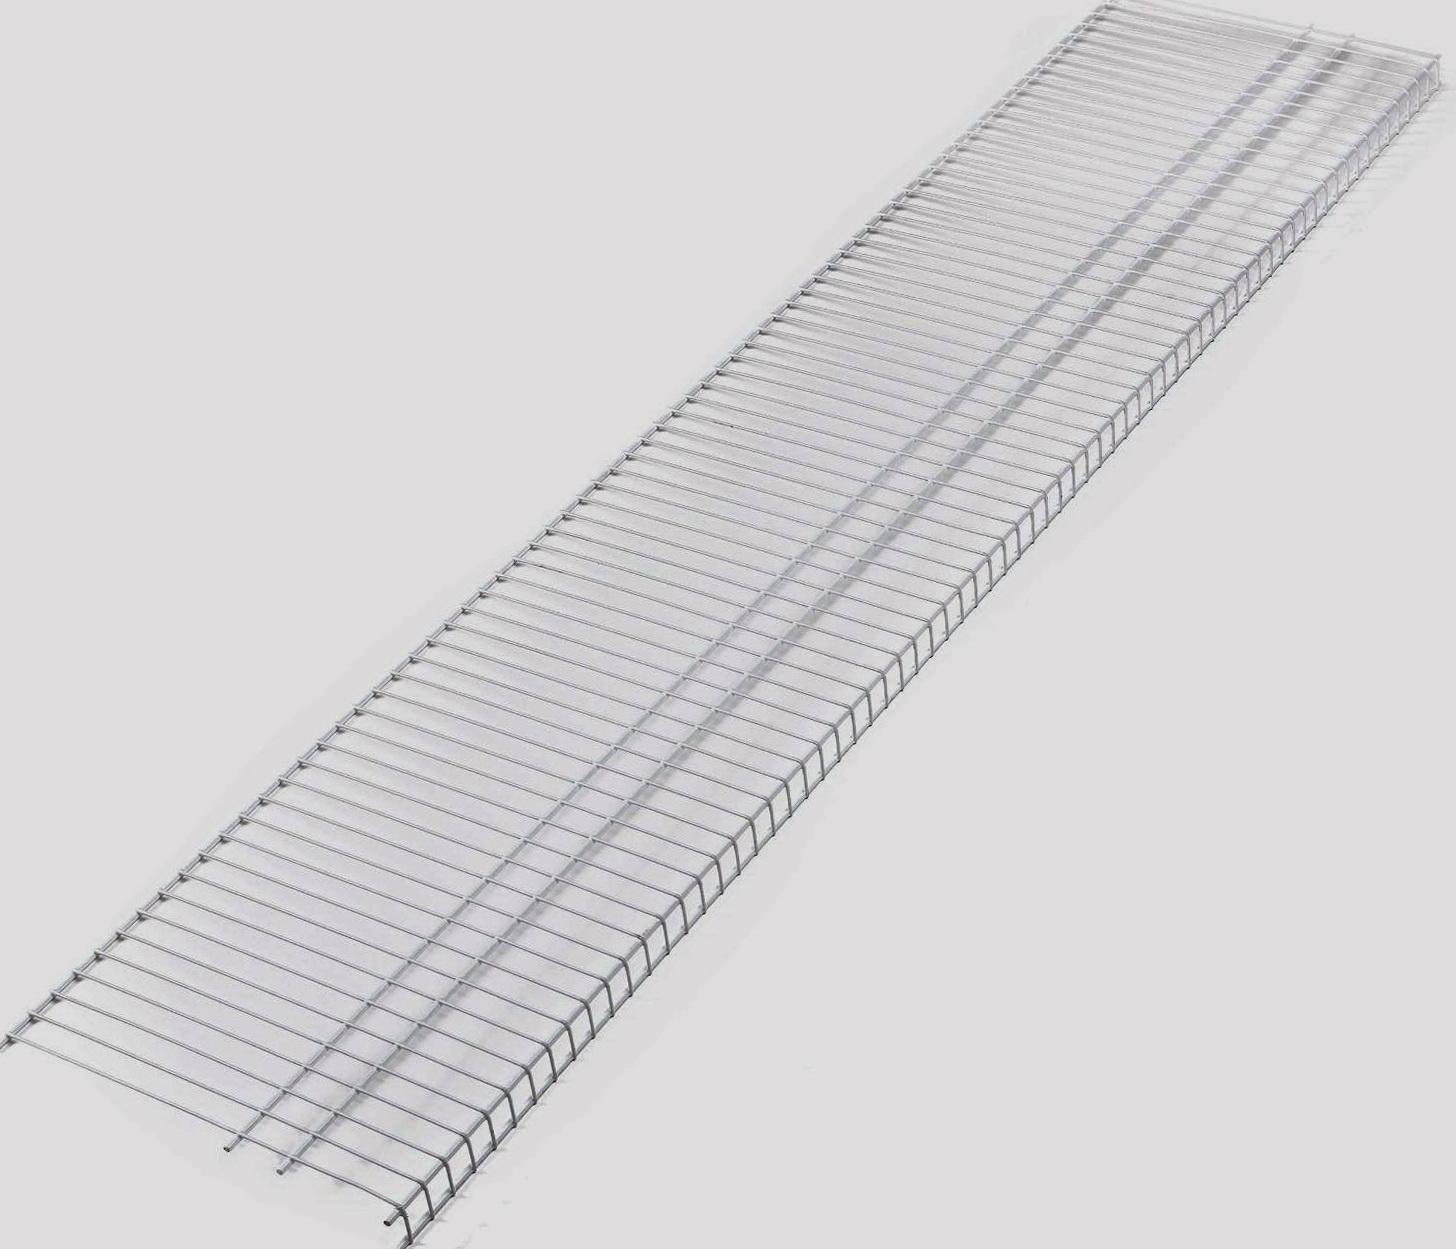 10 Inch Wire Closet Shelves